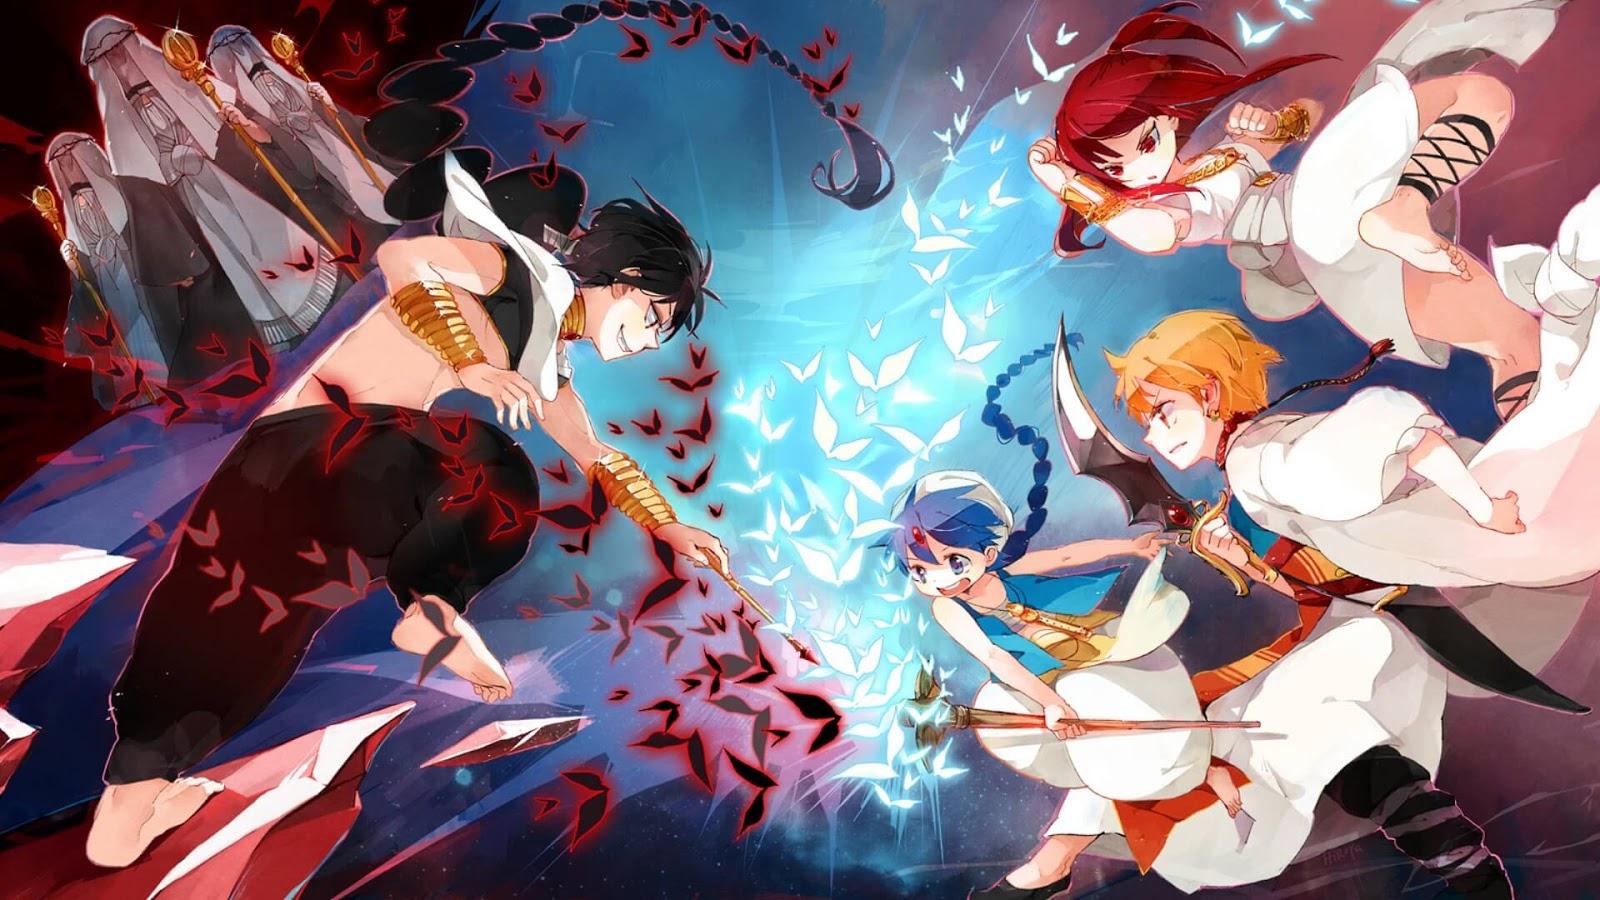 Magi: The Kingdom of Magic ( Season 2 ) [BD] Sub Indo : Episode 1-25 END | Anime Loker